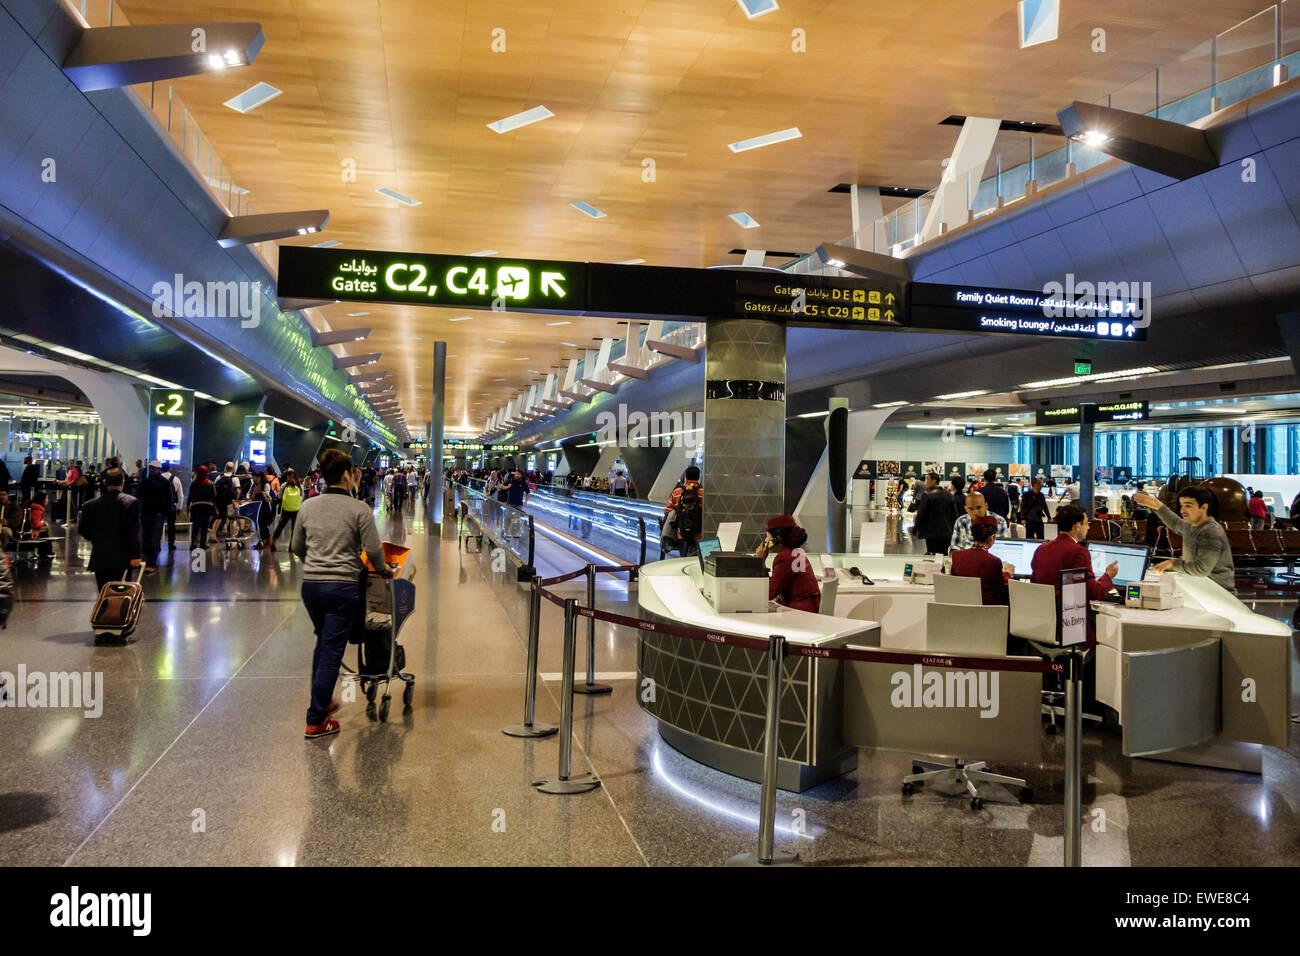 Qatar, Doha, Moyen-Orient, est, aéroport international de Hamad, DOH, terminal, hall, zone d'embarquement, intérieur, service d'assistance, anglais arabe, Banque D'Images